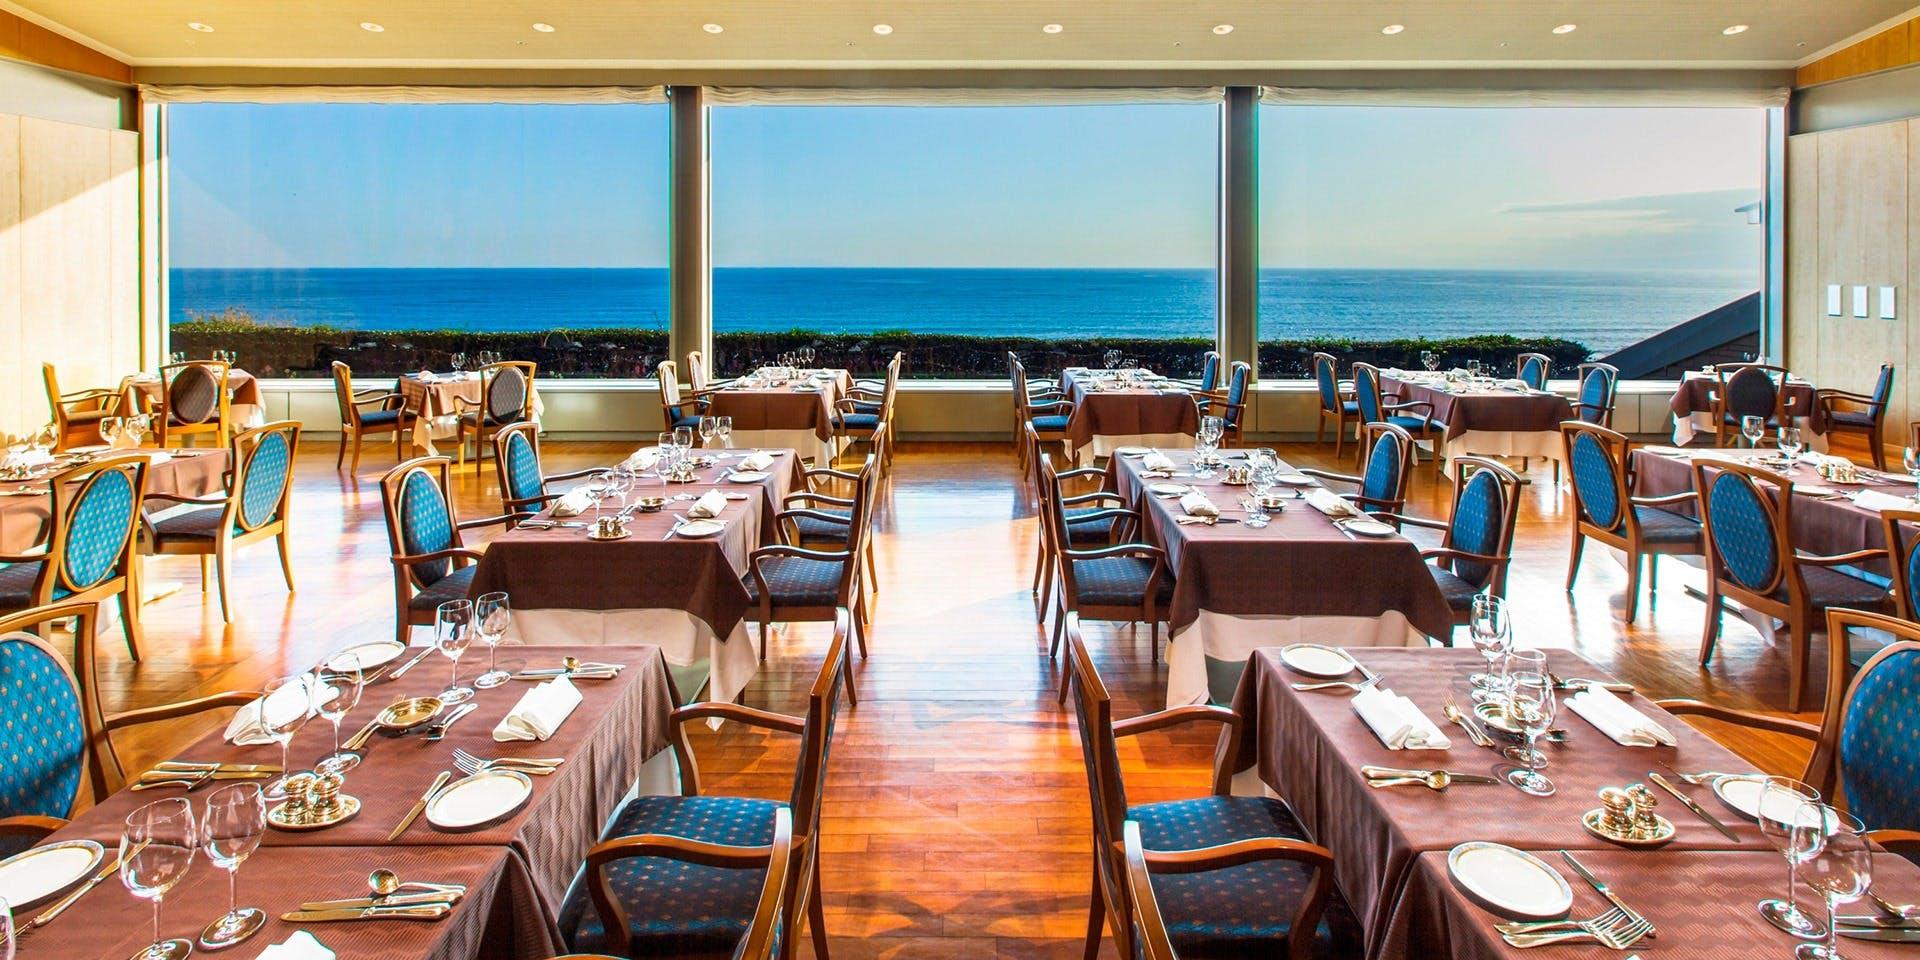 記念日におすすめのレストラン・レストラン ル・トリアノン/鎌倉プリンスホテルの写真1